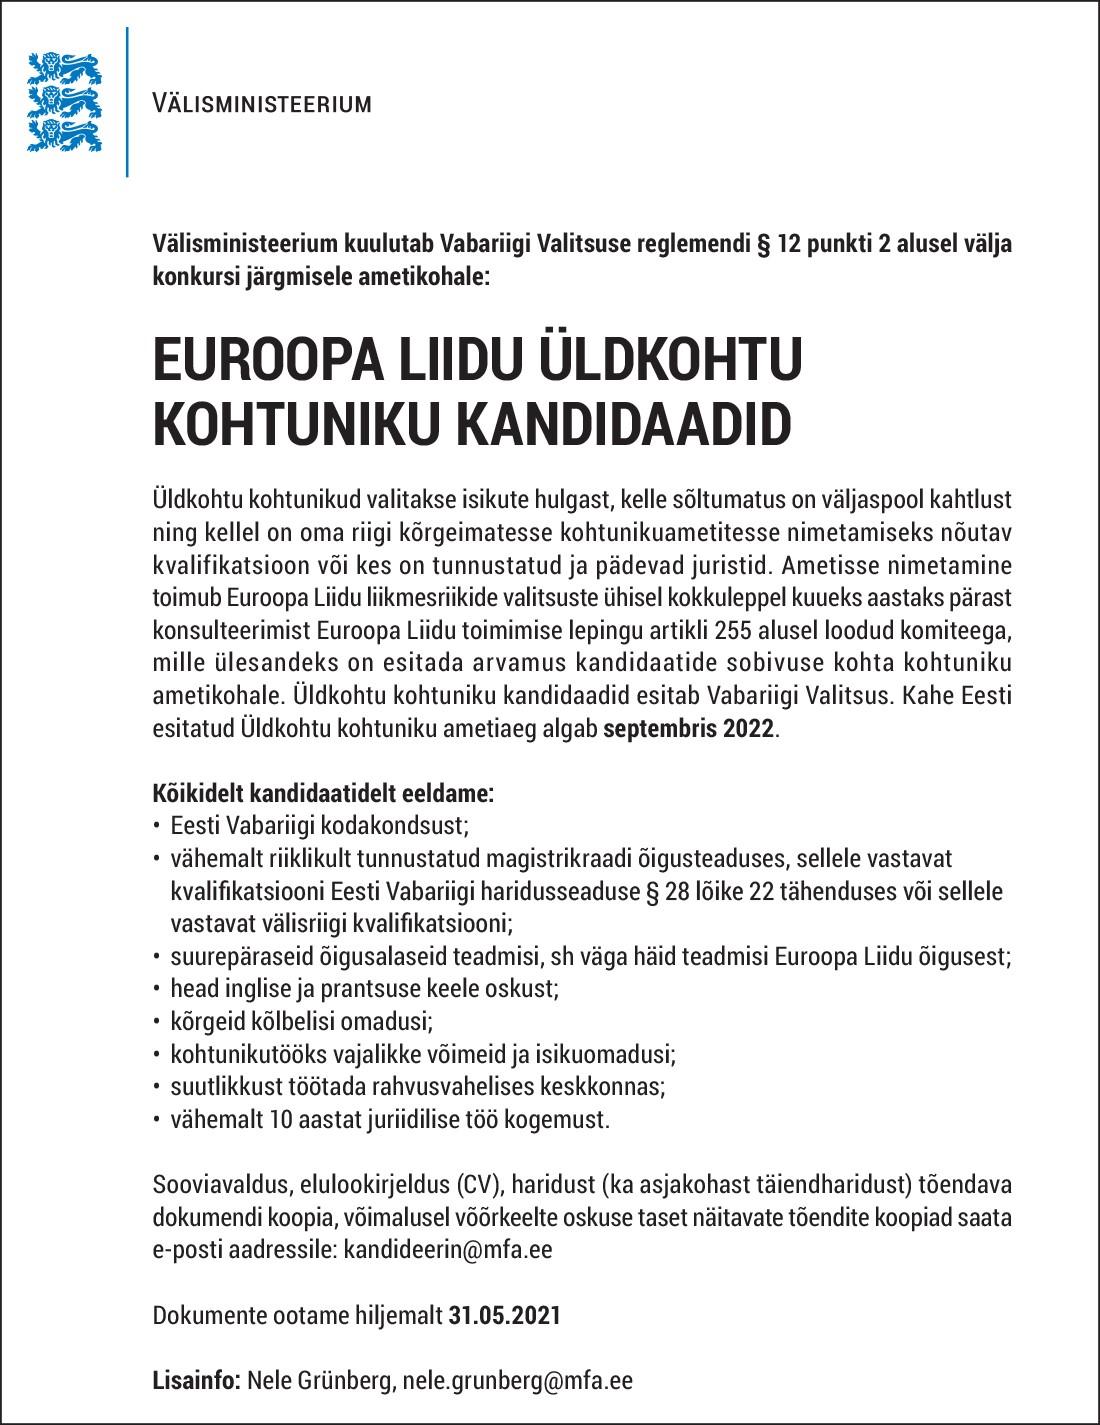 Euroopa Liidu Üldkohtu kohtuniku kandidaadid